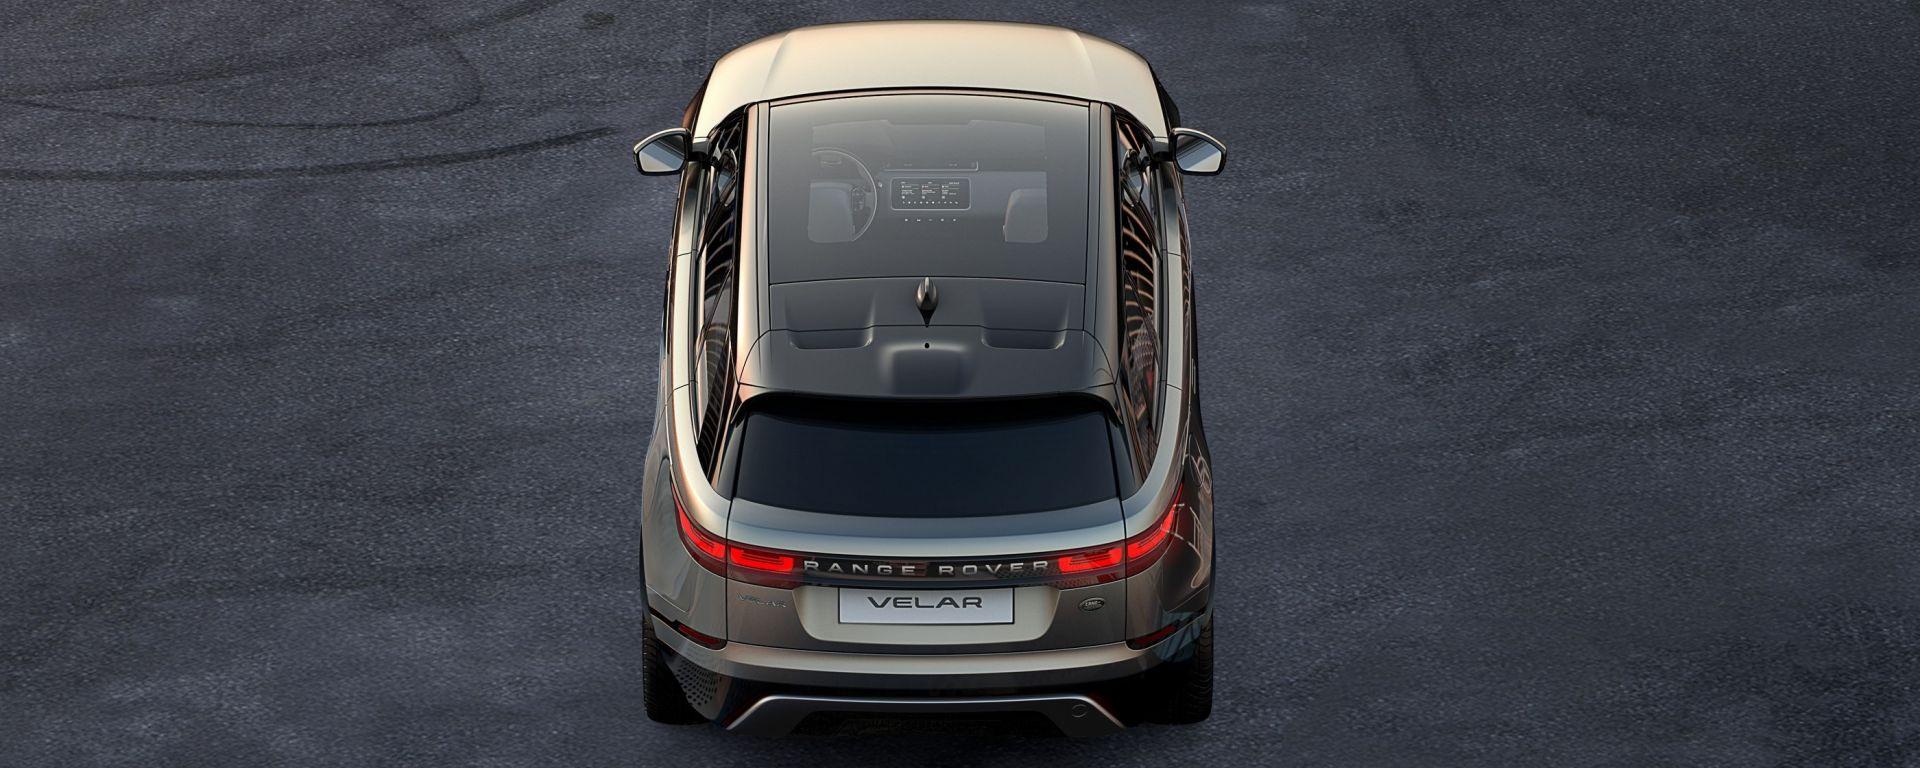 Range Rover Velar: la prima immagine teaser della nuova suv di Land Rover